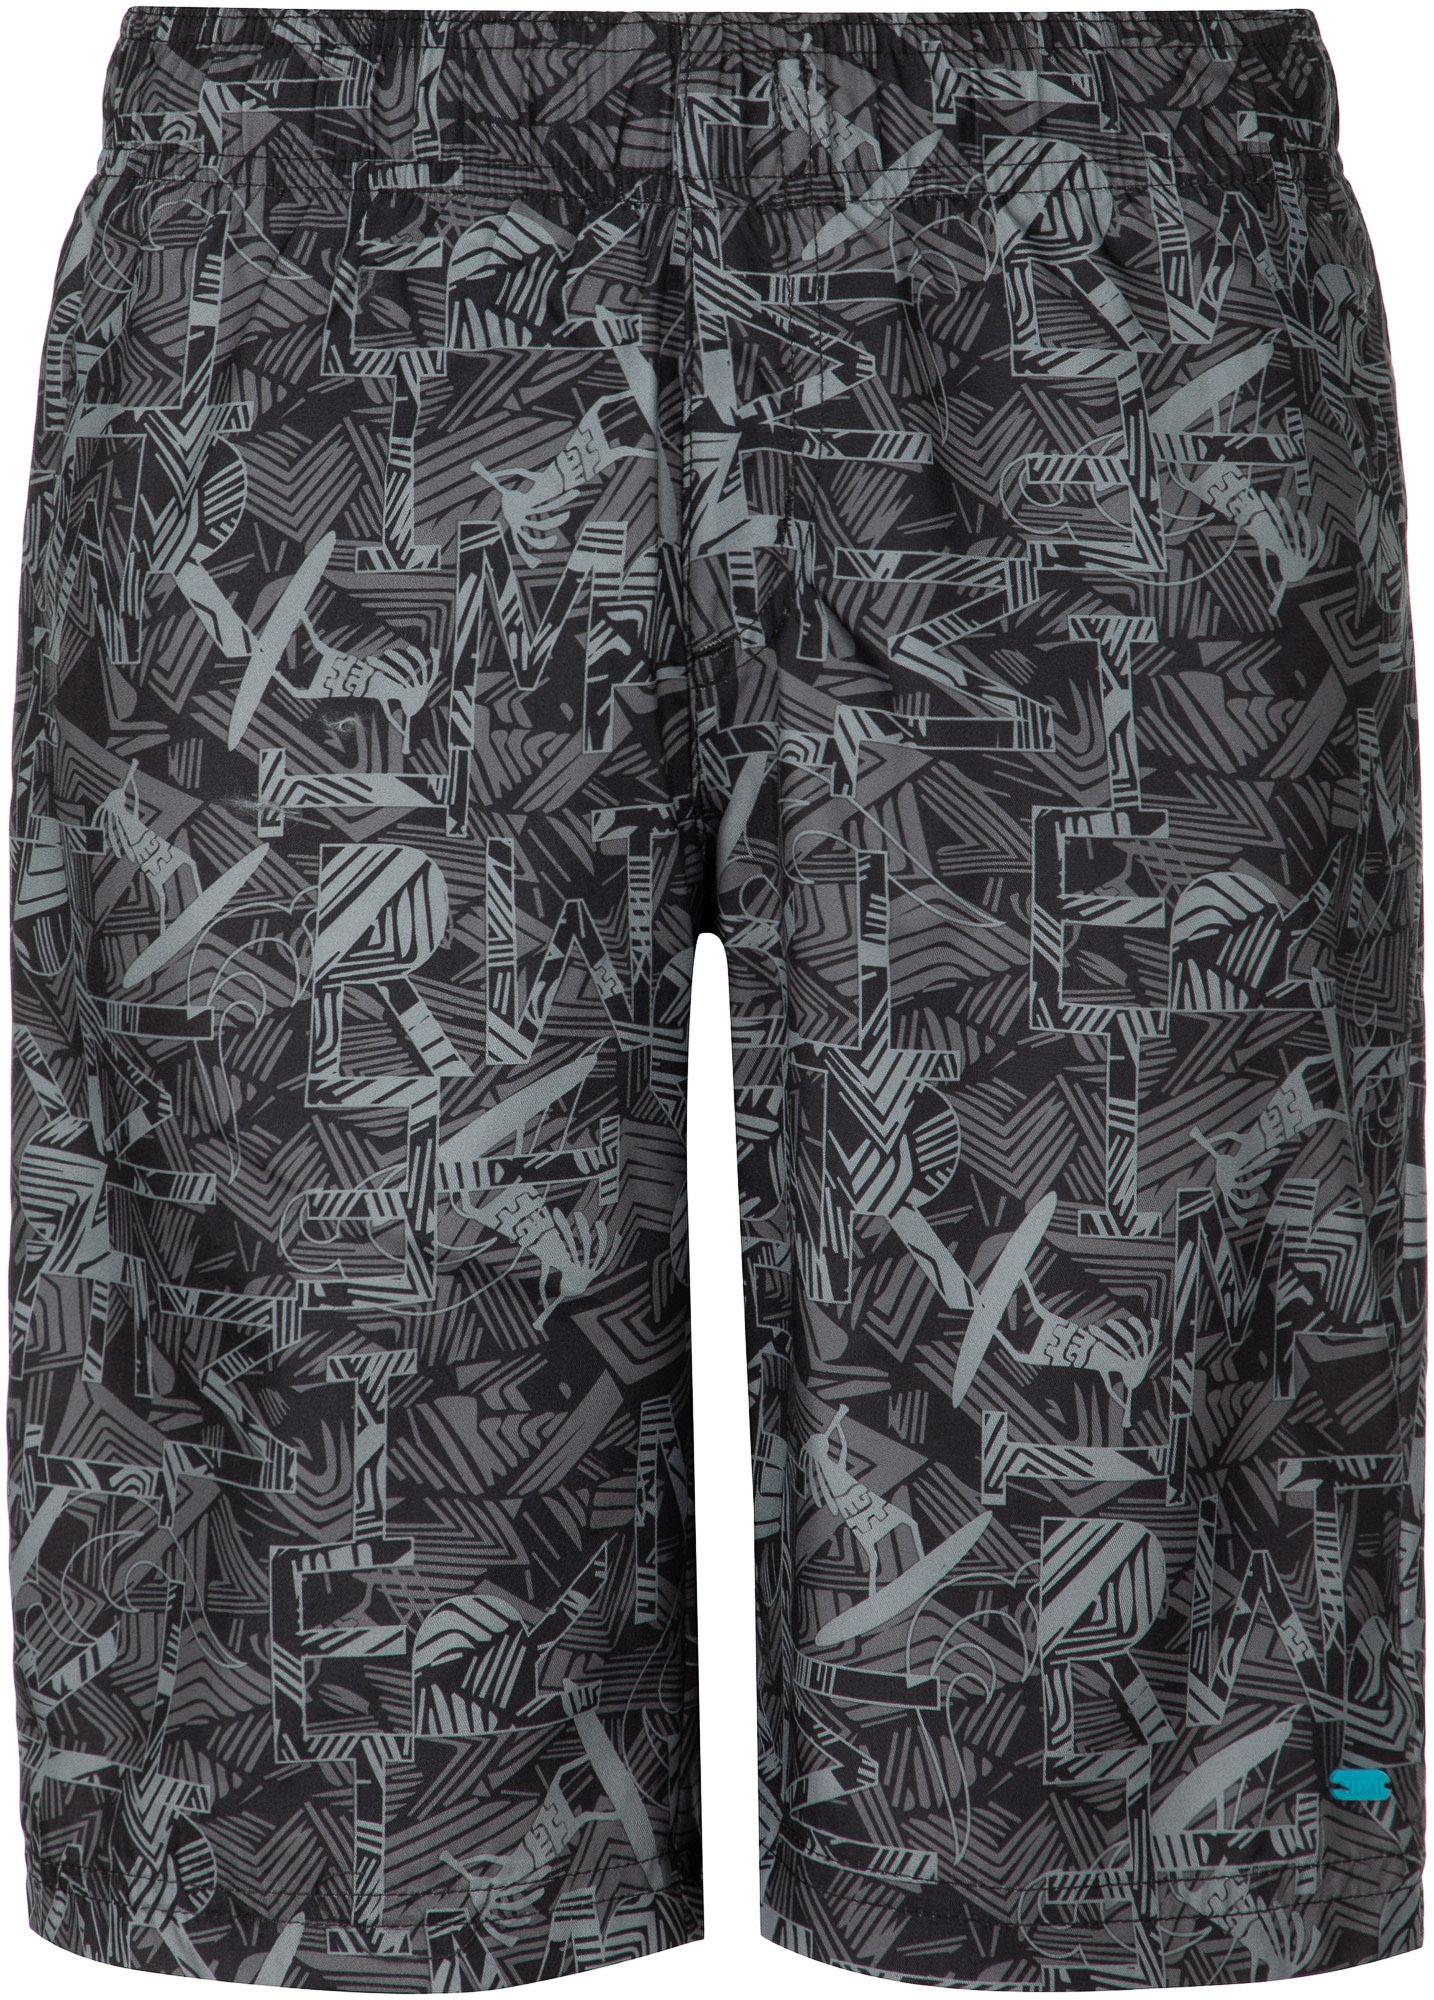 Termit Шорты пляжные для мальчиков Termit, размер 158 шорты пляжные